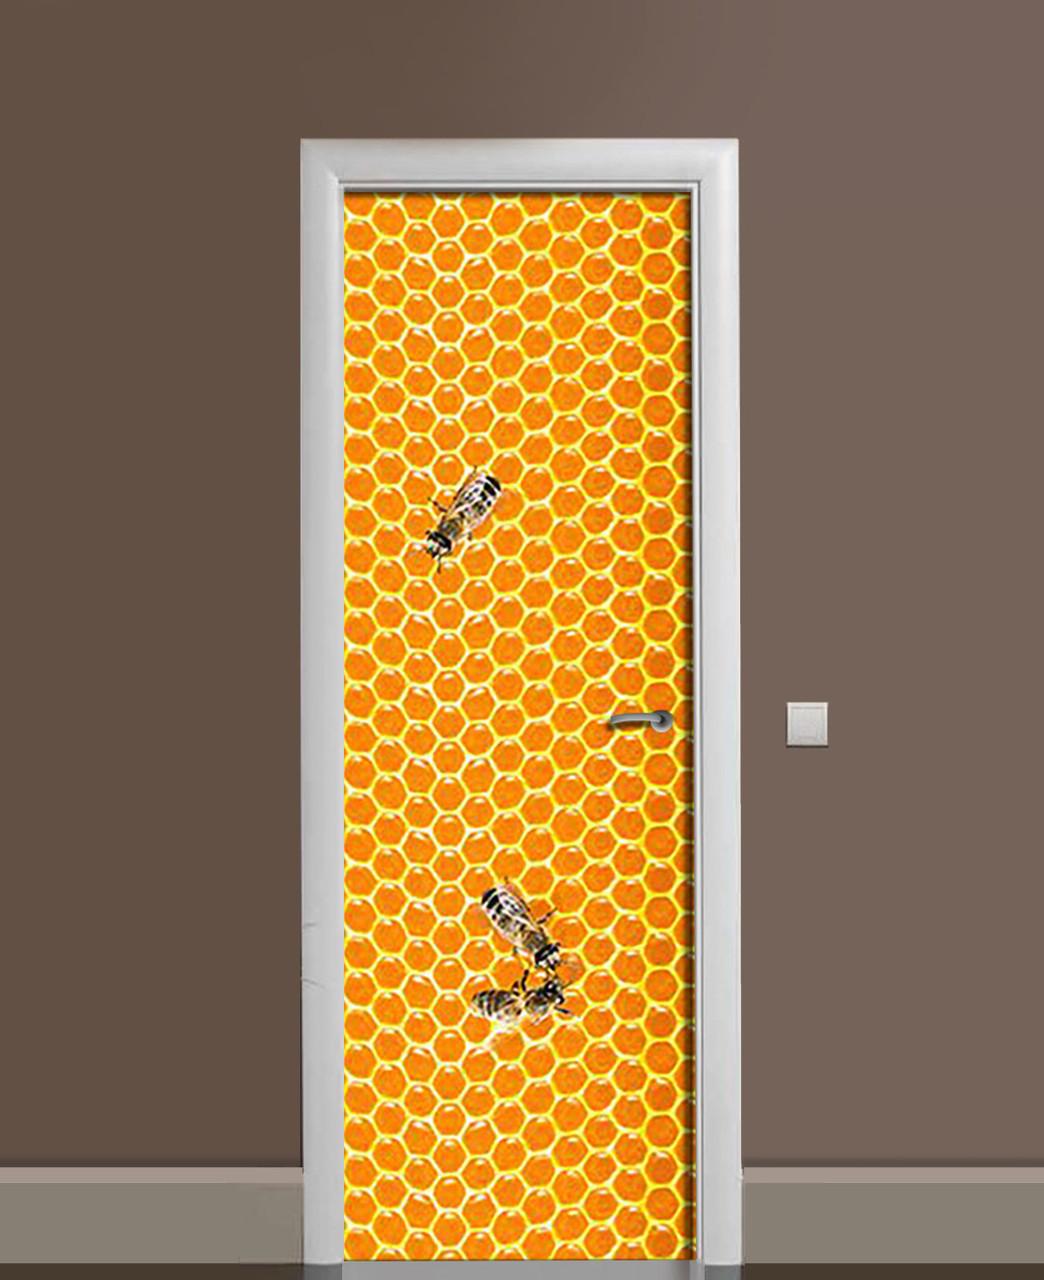 Вінілові наклейки на двері Медові соти Бджоли ПВХ плівка з ламінуванням 65*200см Текстура Помаранчевий